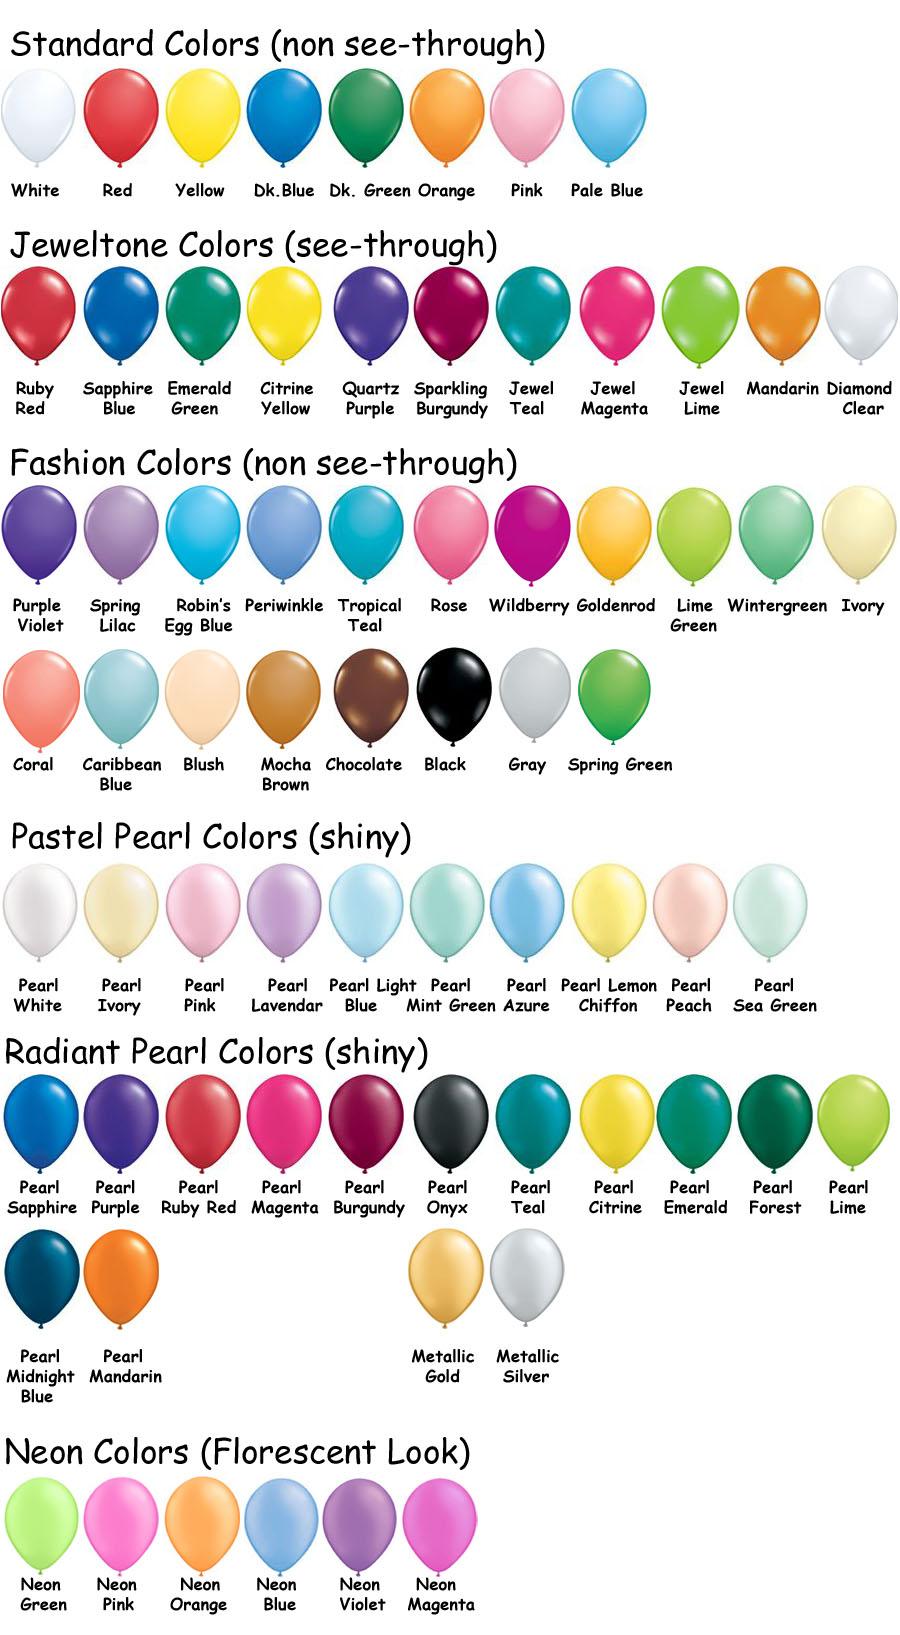 qualatex-color-chart-all-copy.jpg